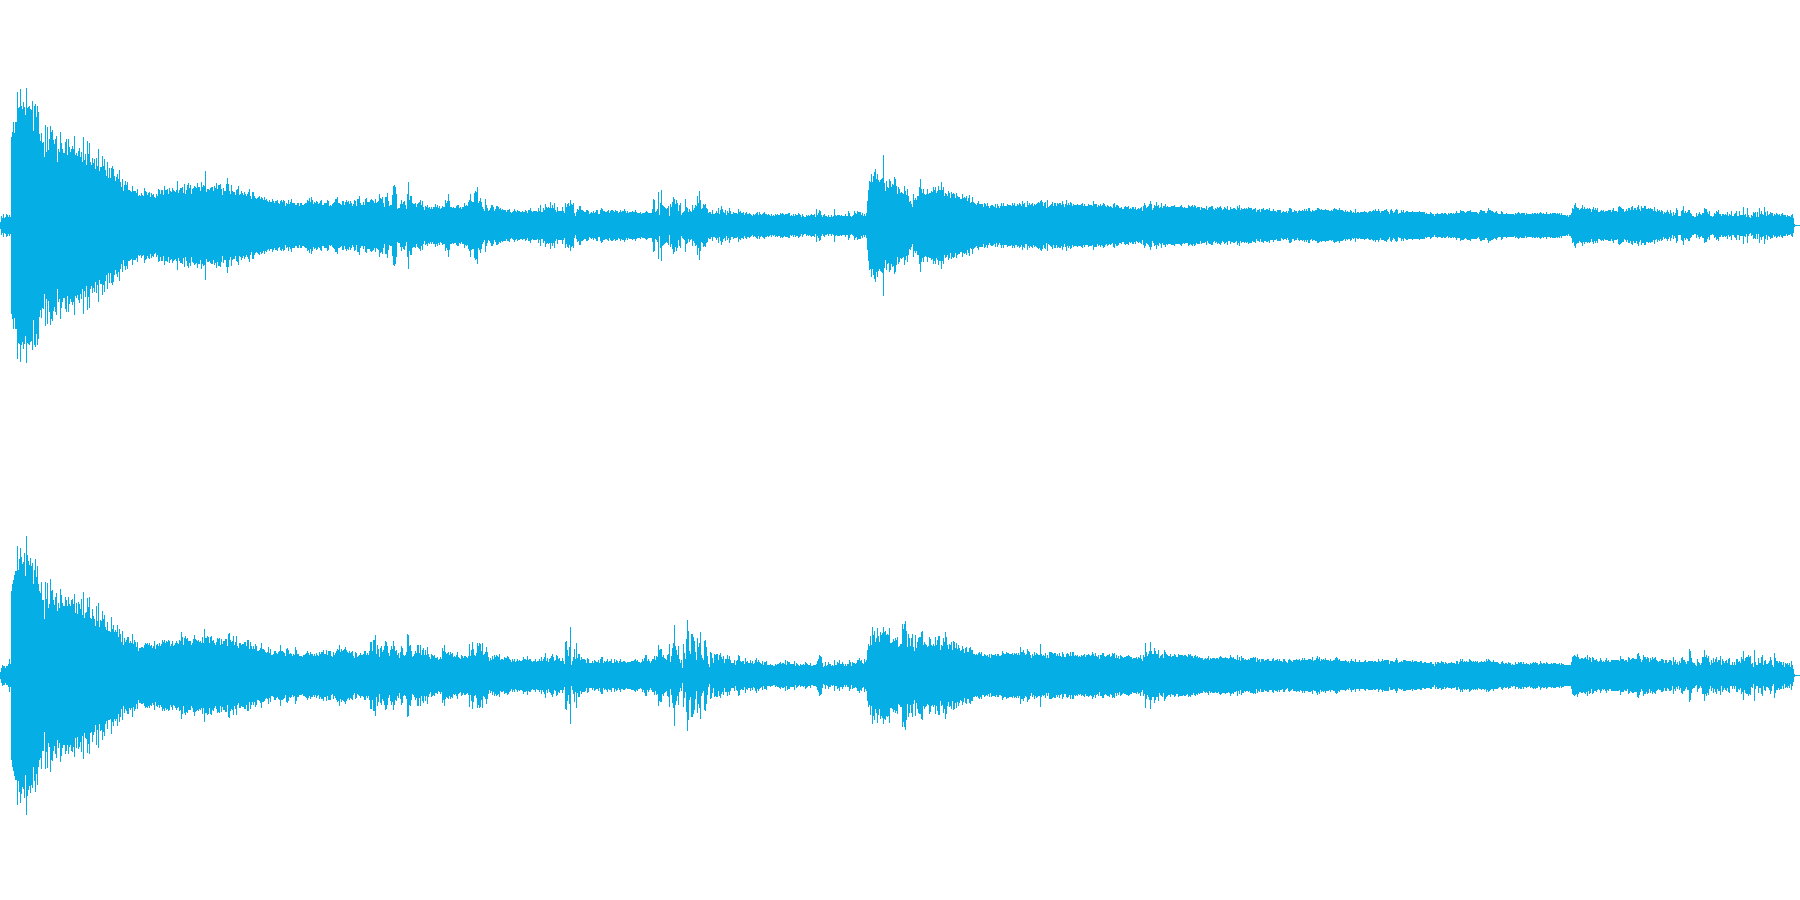 和風の微妙な和音が響いている効果音の再生済みの波形